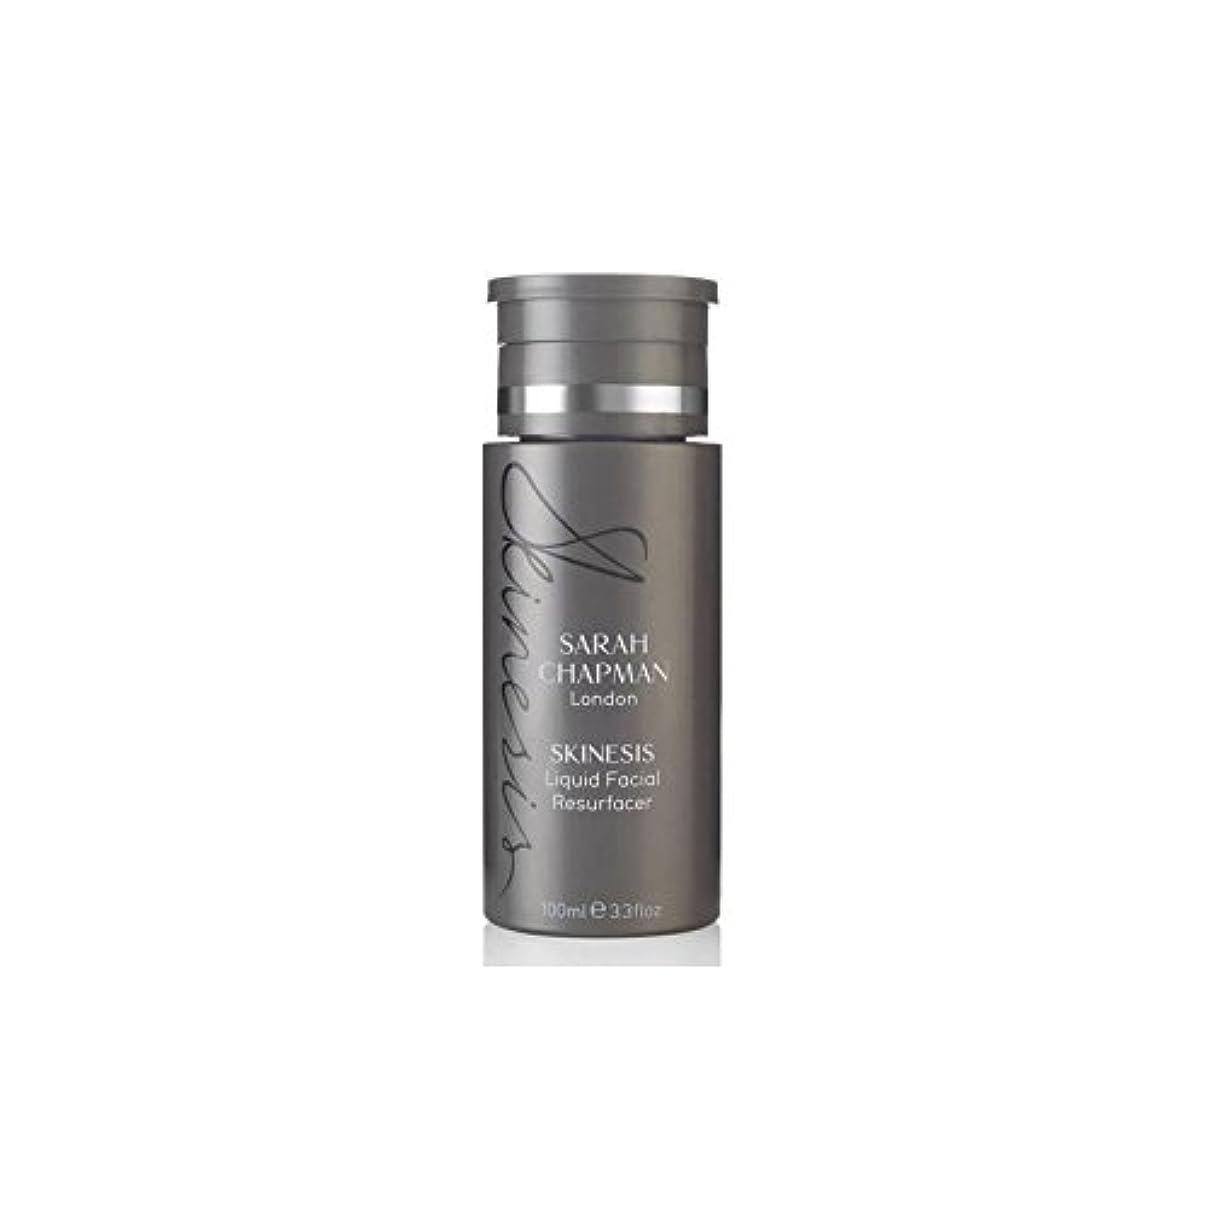 インサート発行質素なサラチャップマン液体顔(100)に x2 - Sarah Chapman Skinesis Liquid Facial Resurfacer (100ml) (Pack of 2) [並行輸入品]